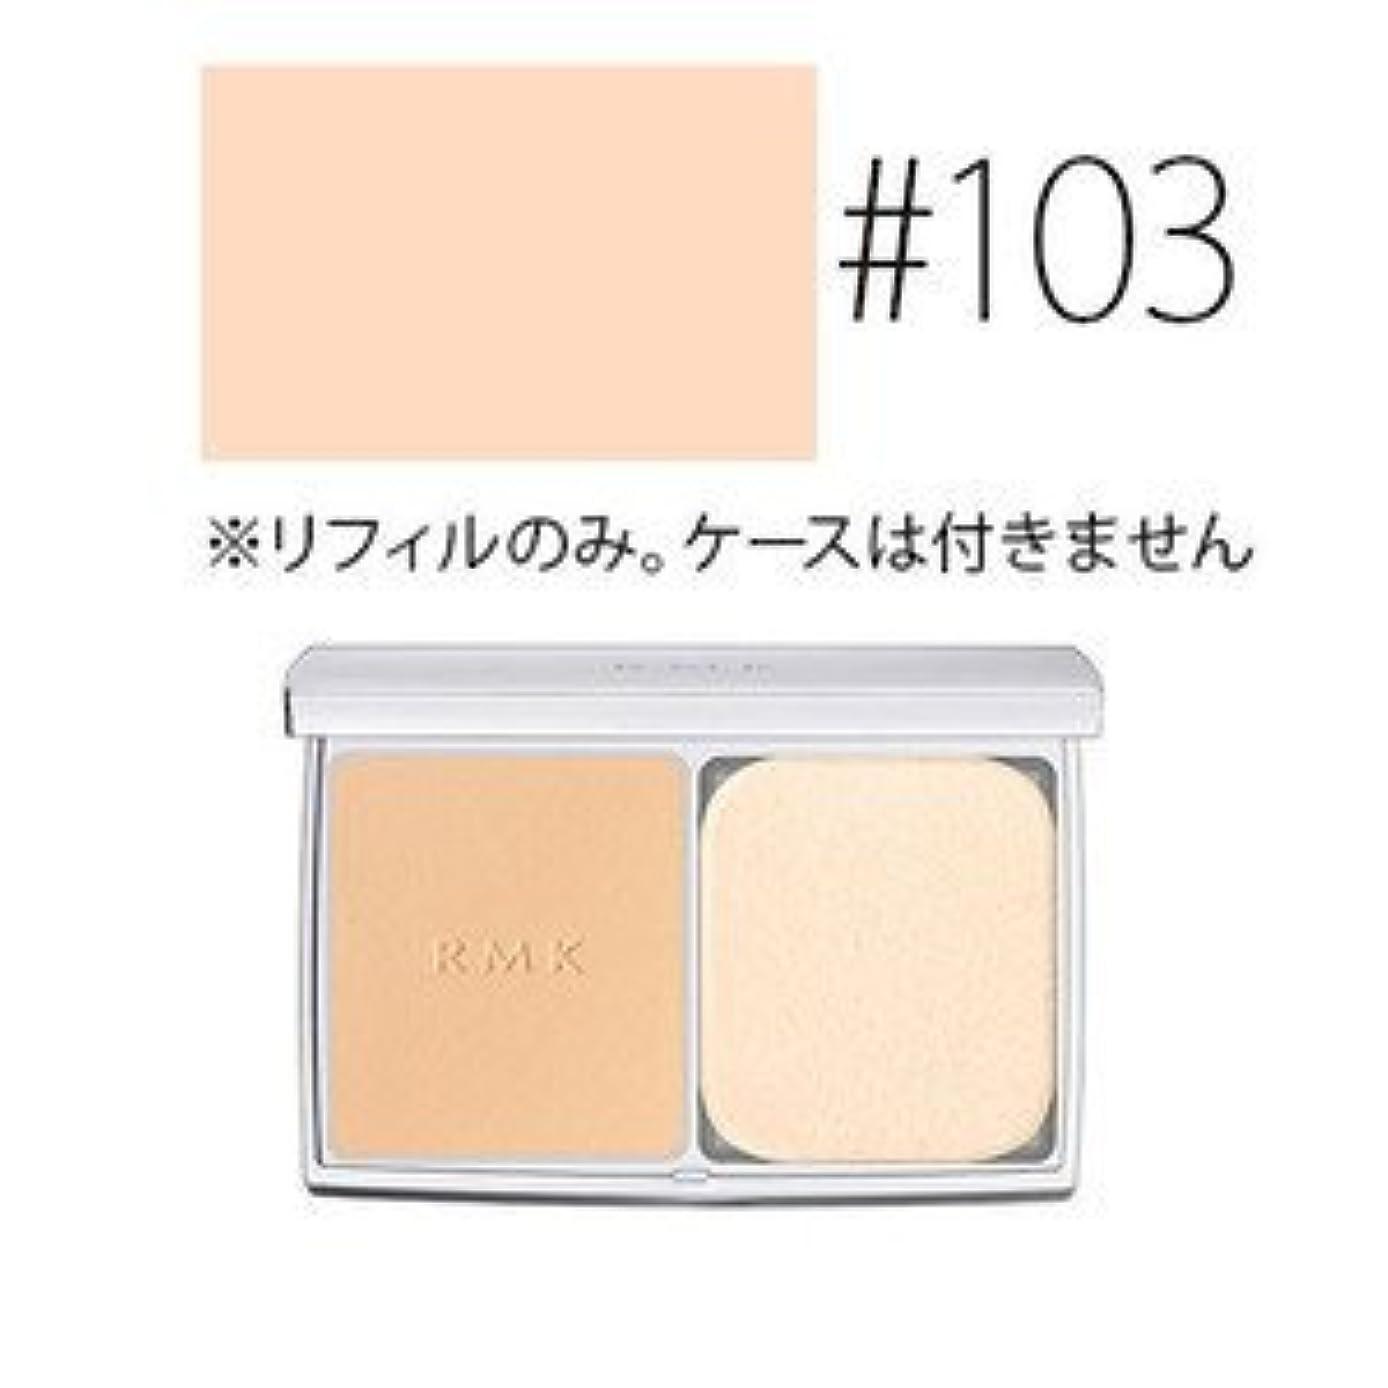 沿って宣伝地平線【RMK (ルミコ)】UVパウダーファンデーション (レフィル) #103L 11g